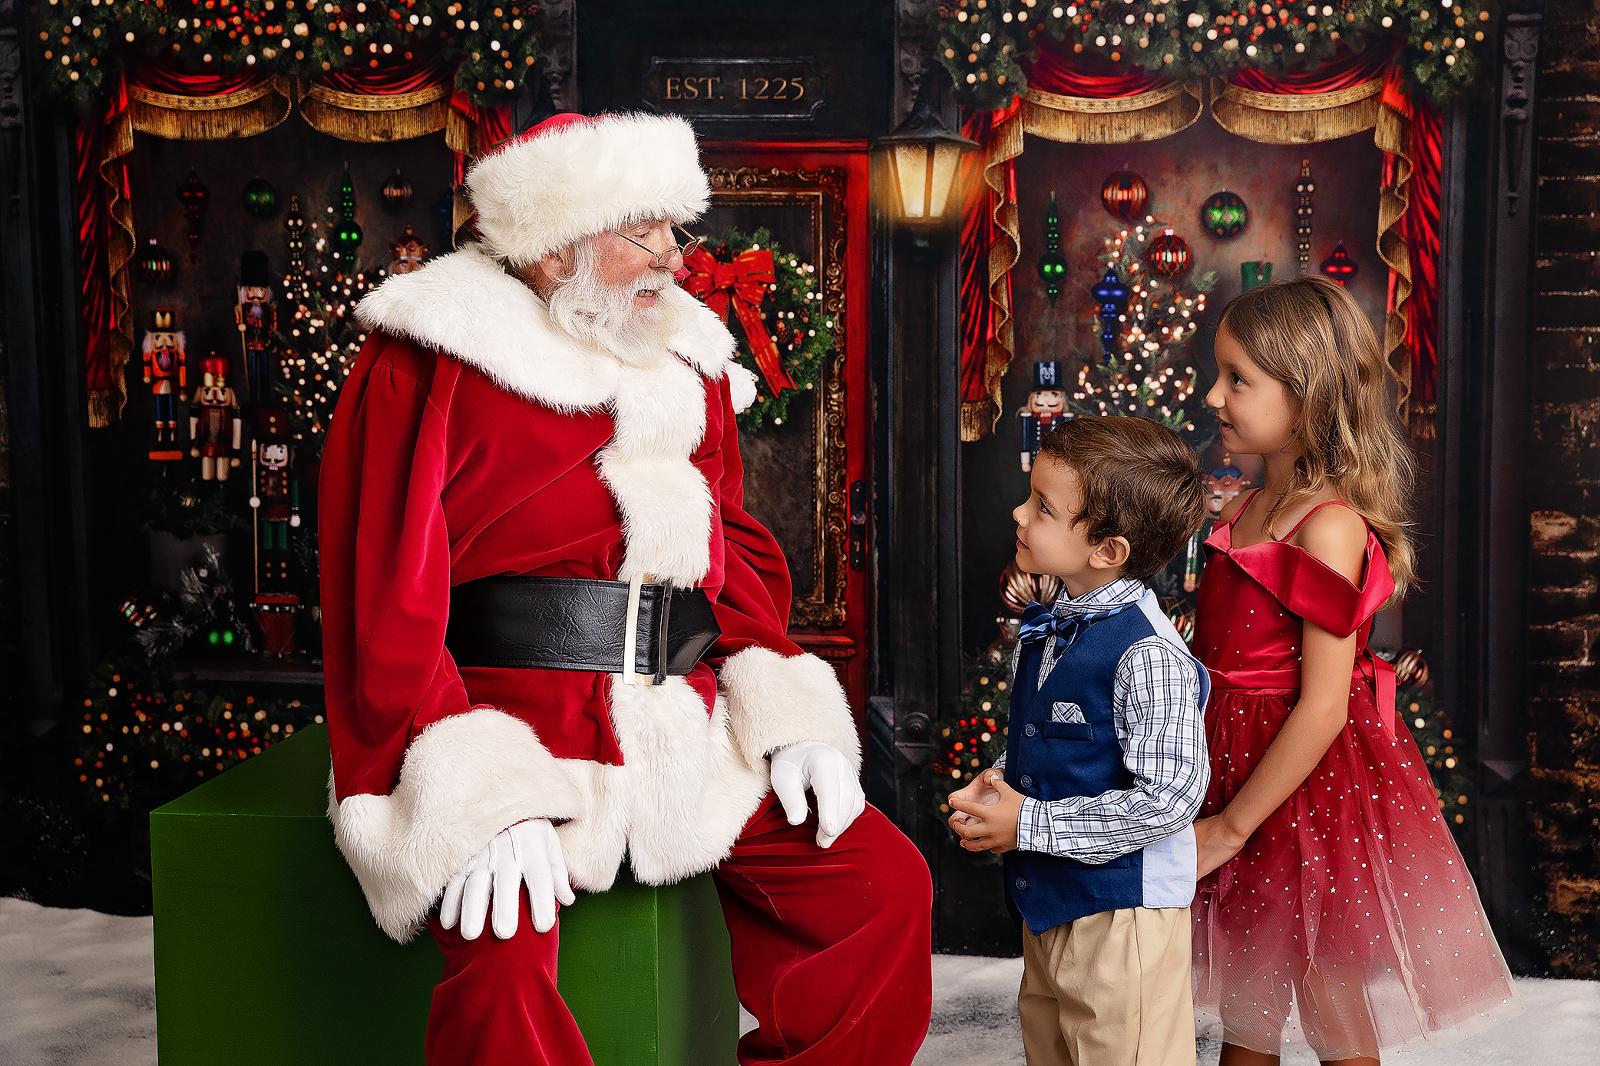 Santa, Hawaii, photography, children